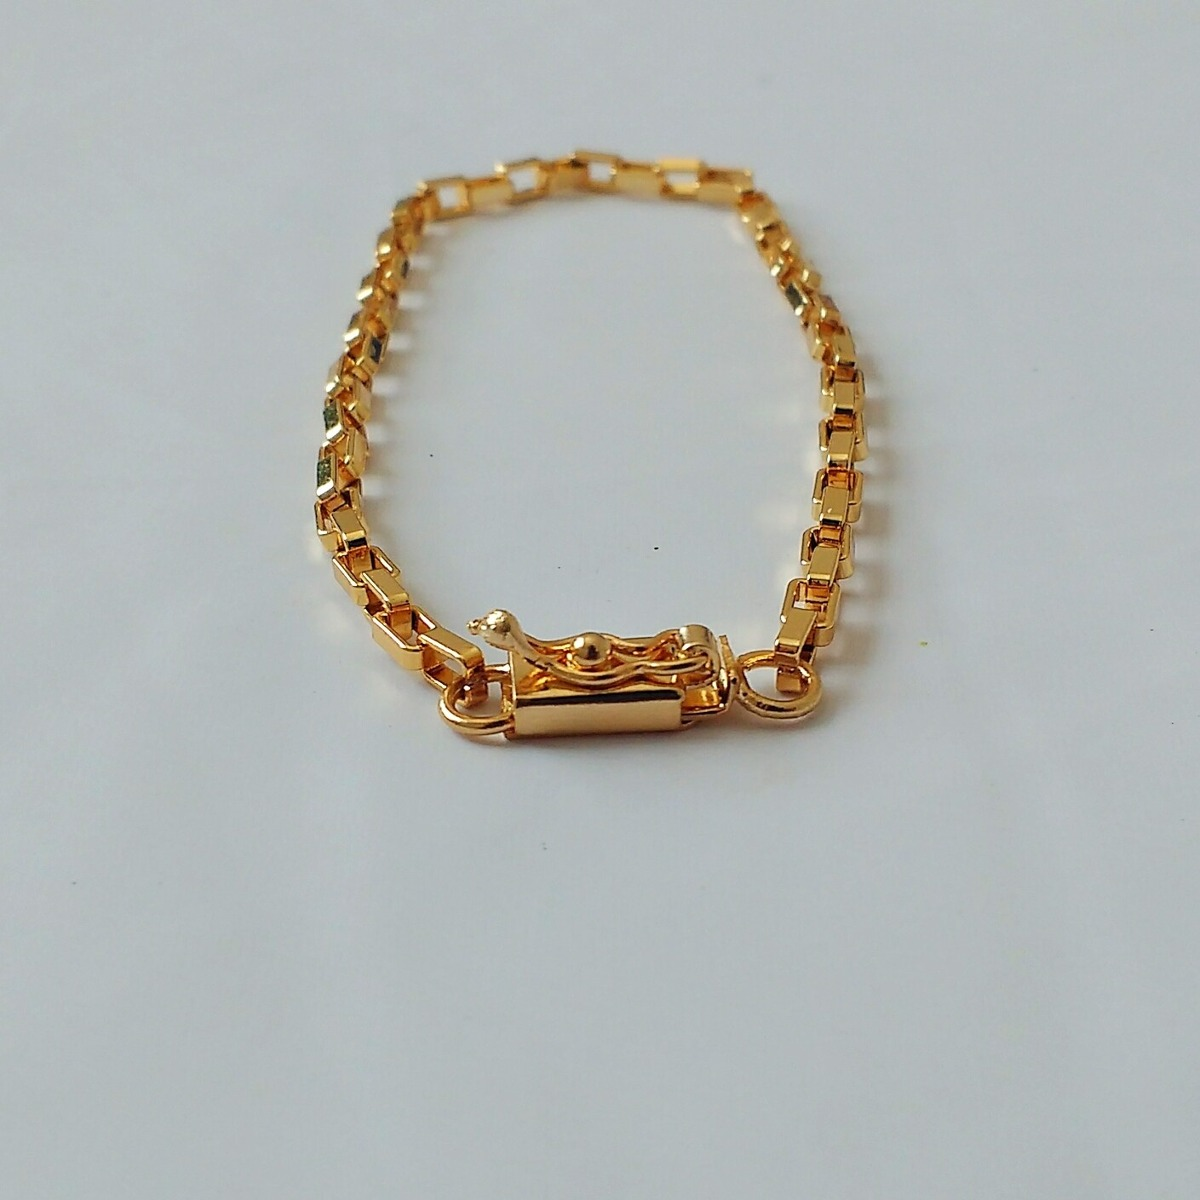 ead22064a7a pulseira cartier fecho gaveta 21cm  3mm - banhado a ouro. Carregando zoom.